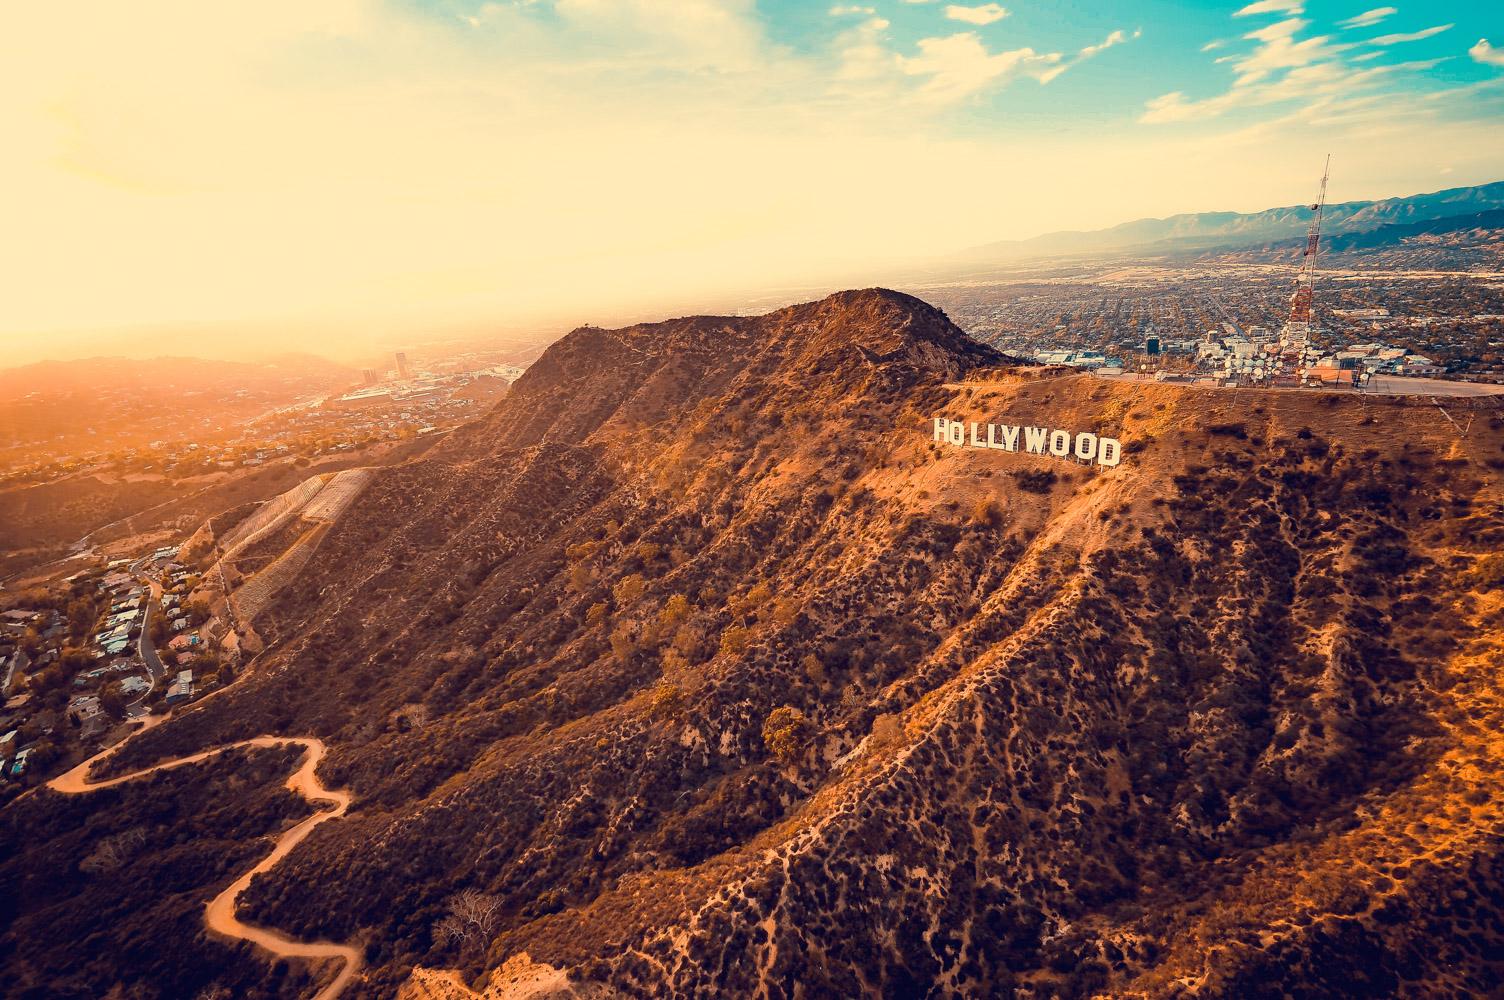 Tourism Board of LA